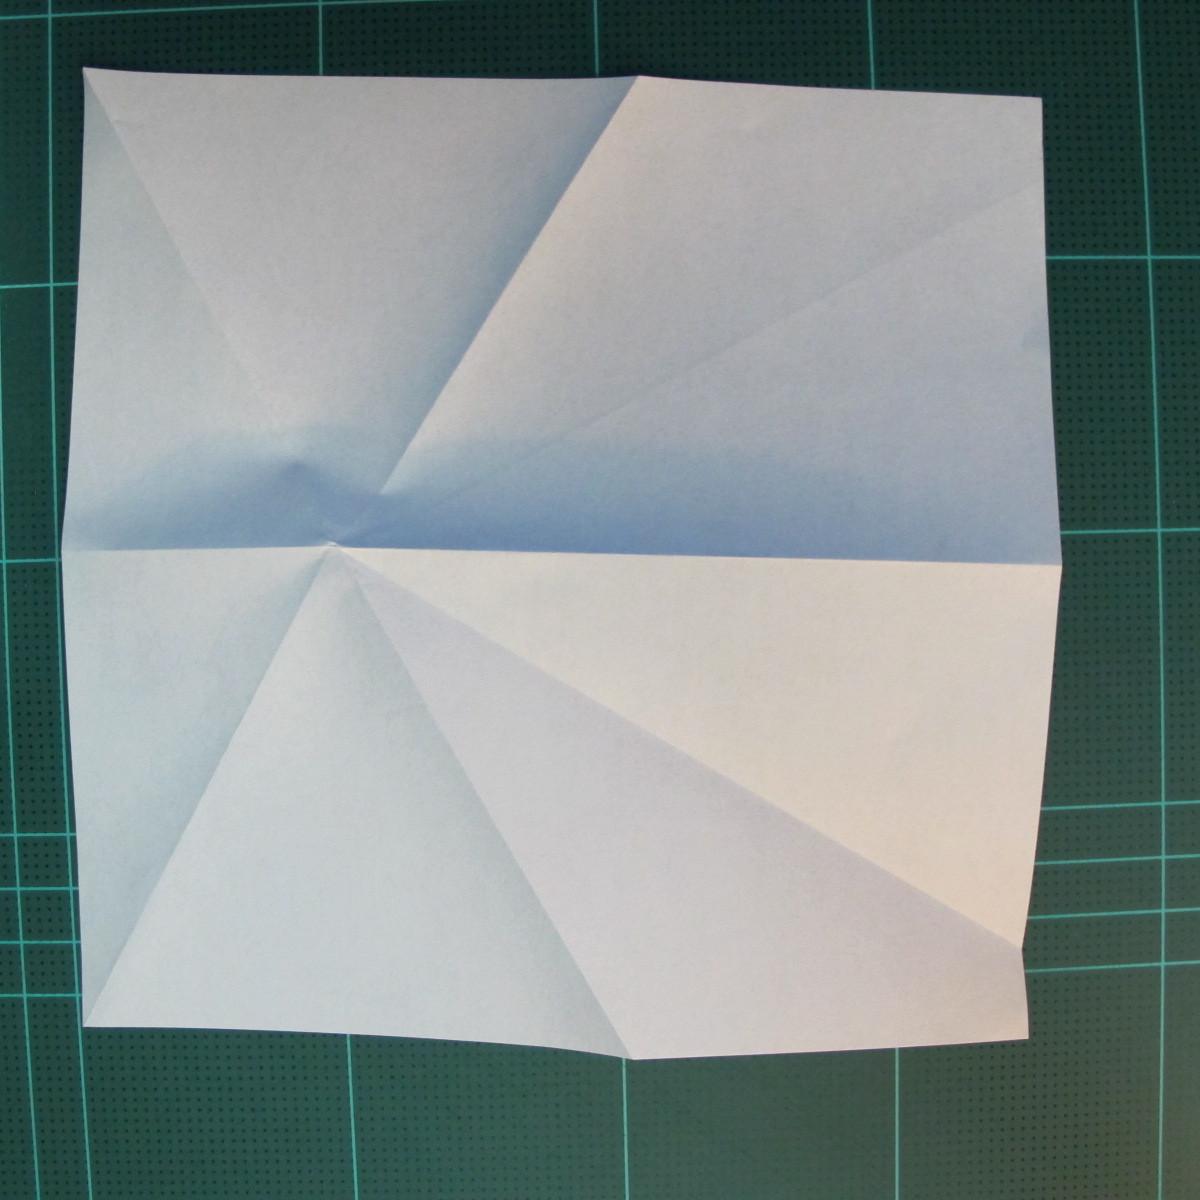 วิธีการพับกระดาษเป็นรูปกบ (แบบโคลัมเบี้ยน) (Origami Frog) 012